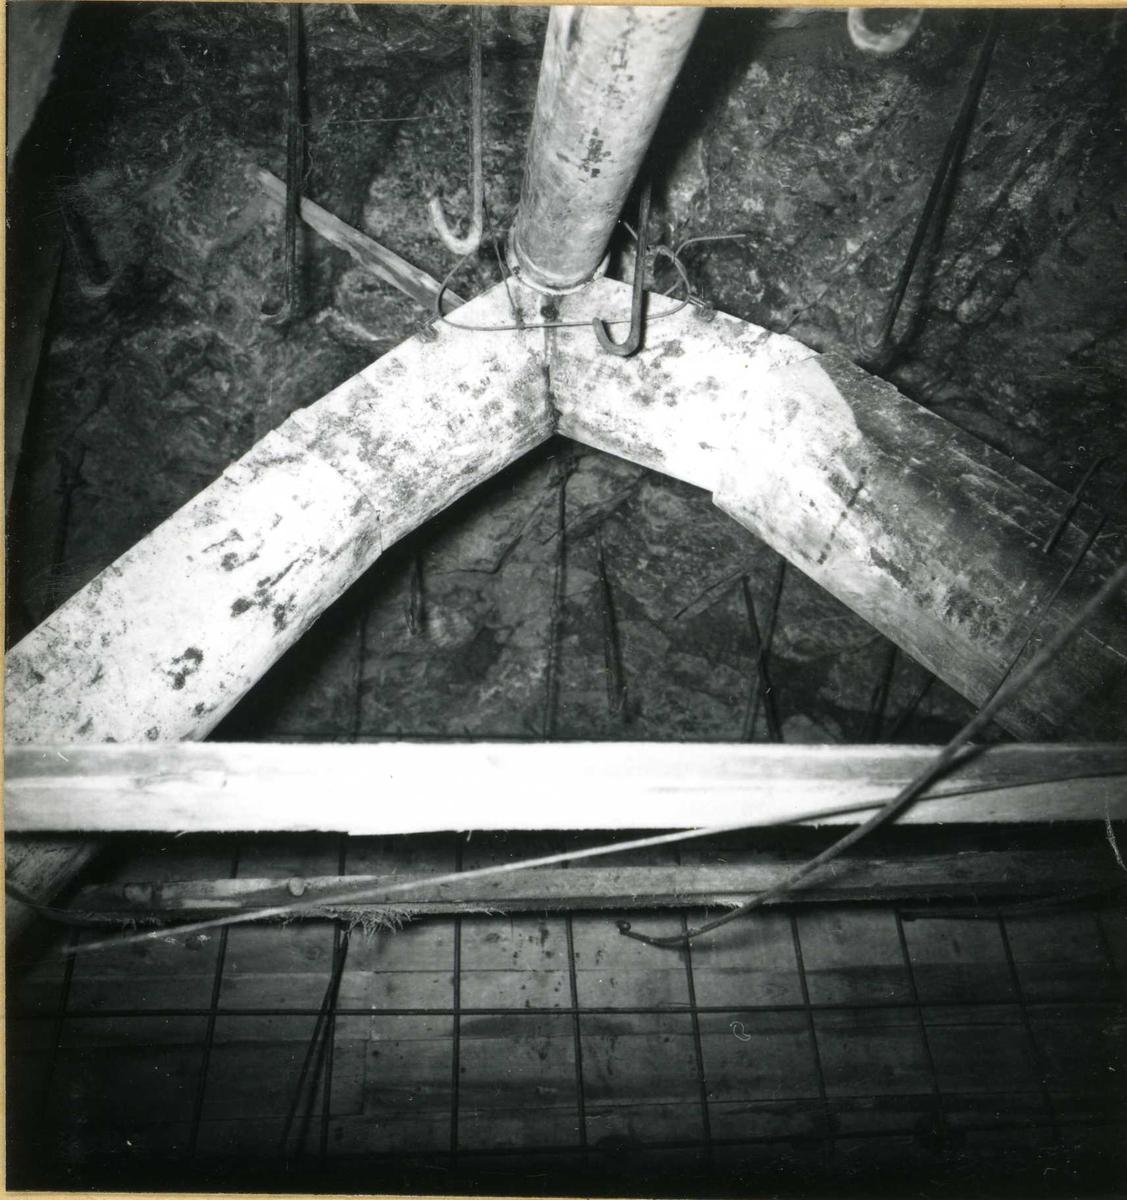 Inntak og dam. Våmarvatn og Kåsvatn. Tunnel innvendig.